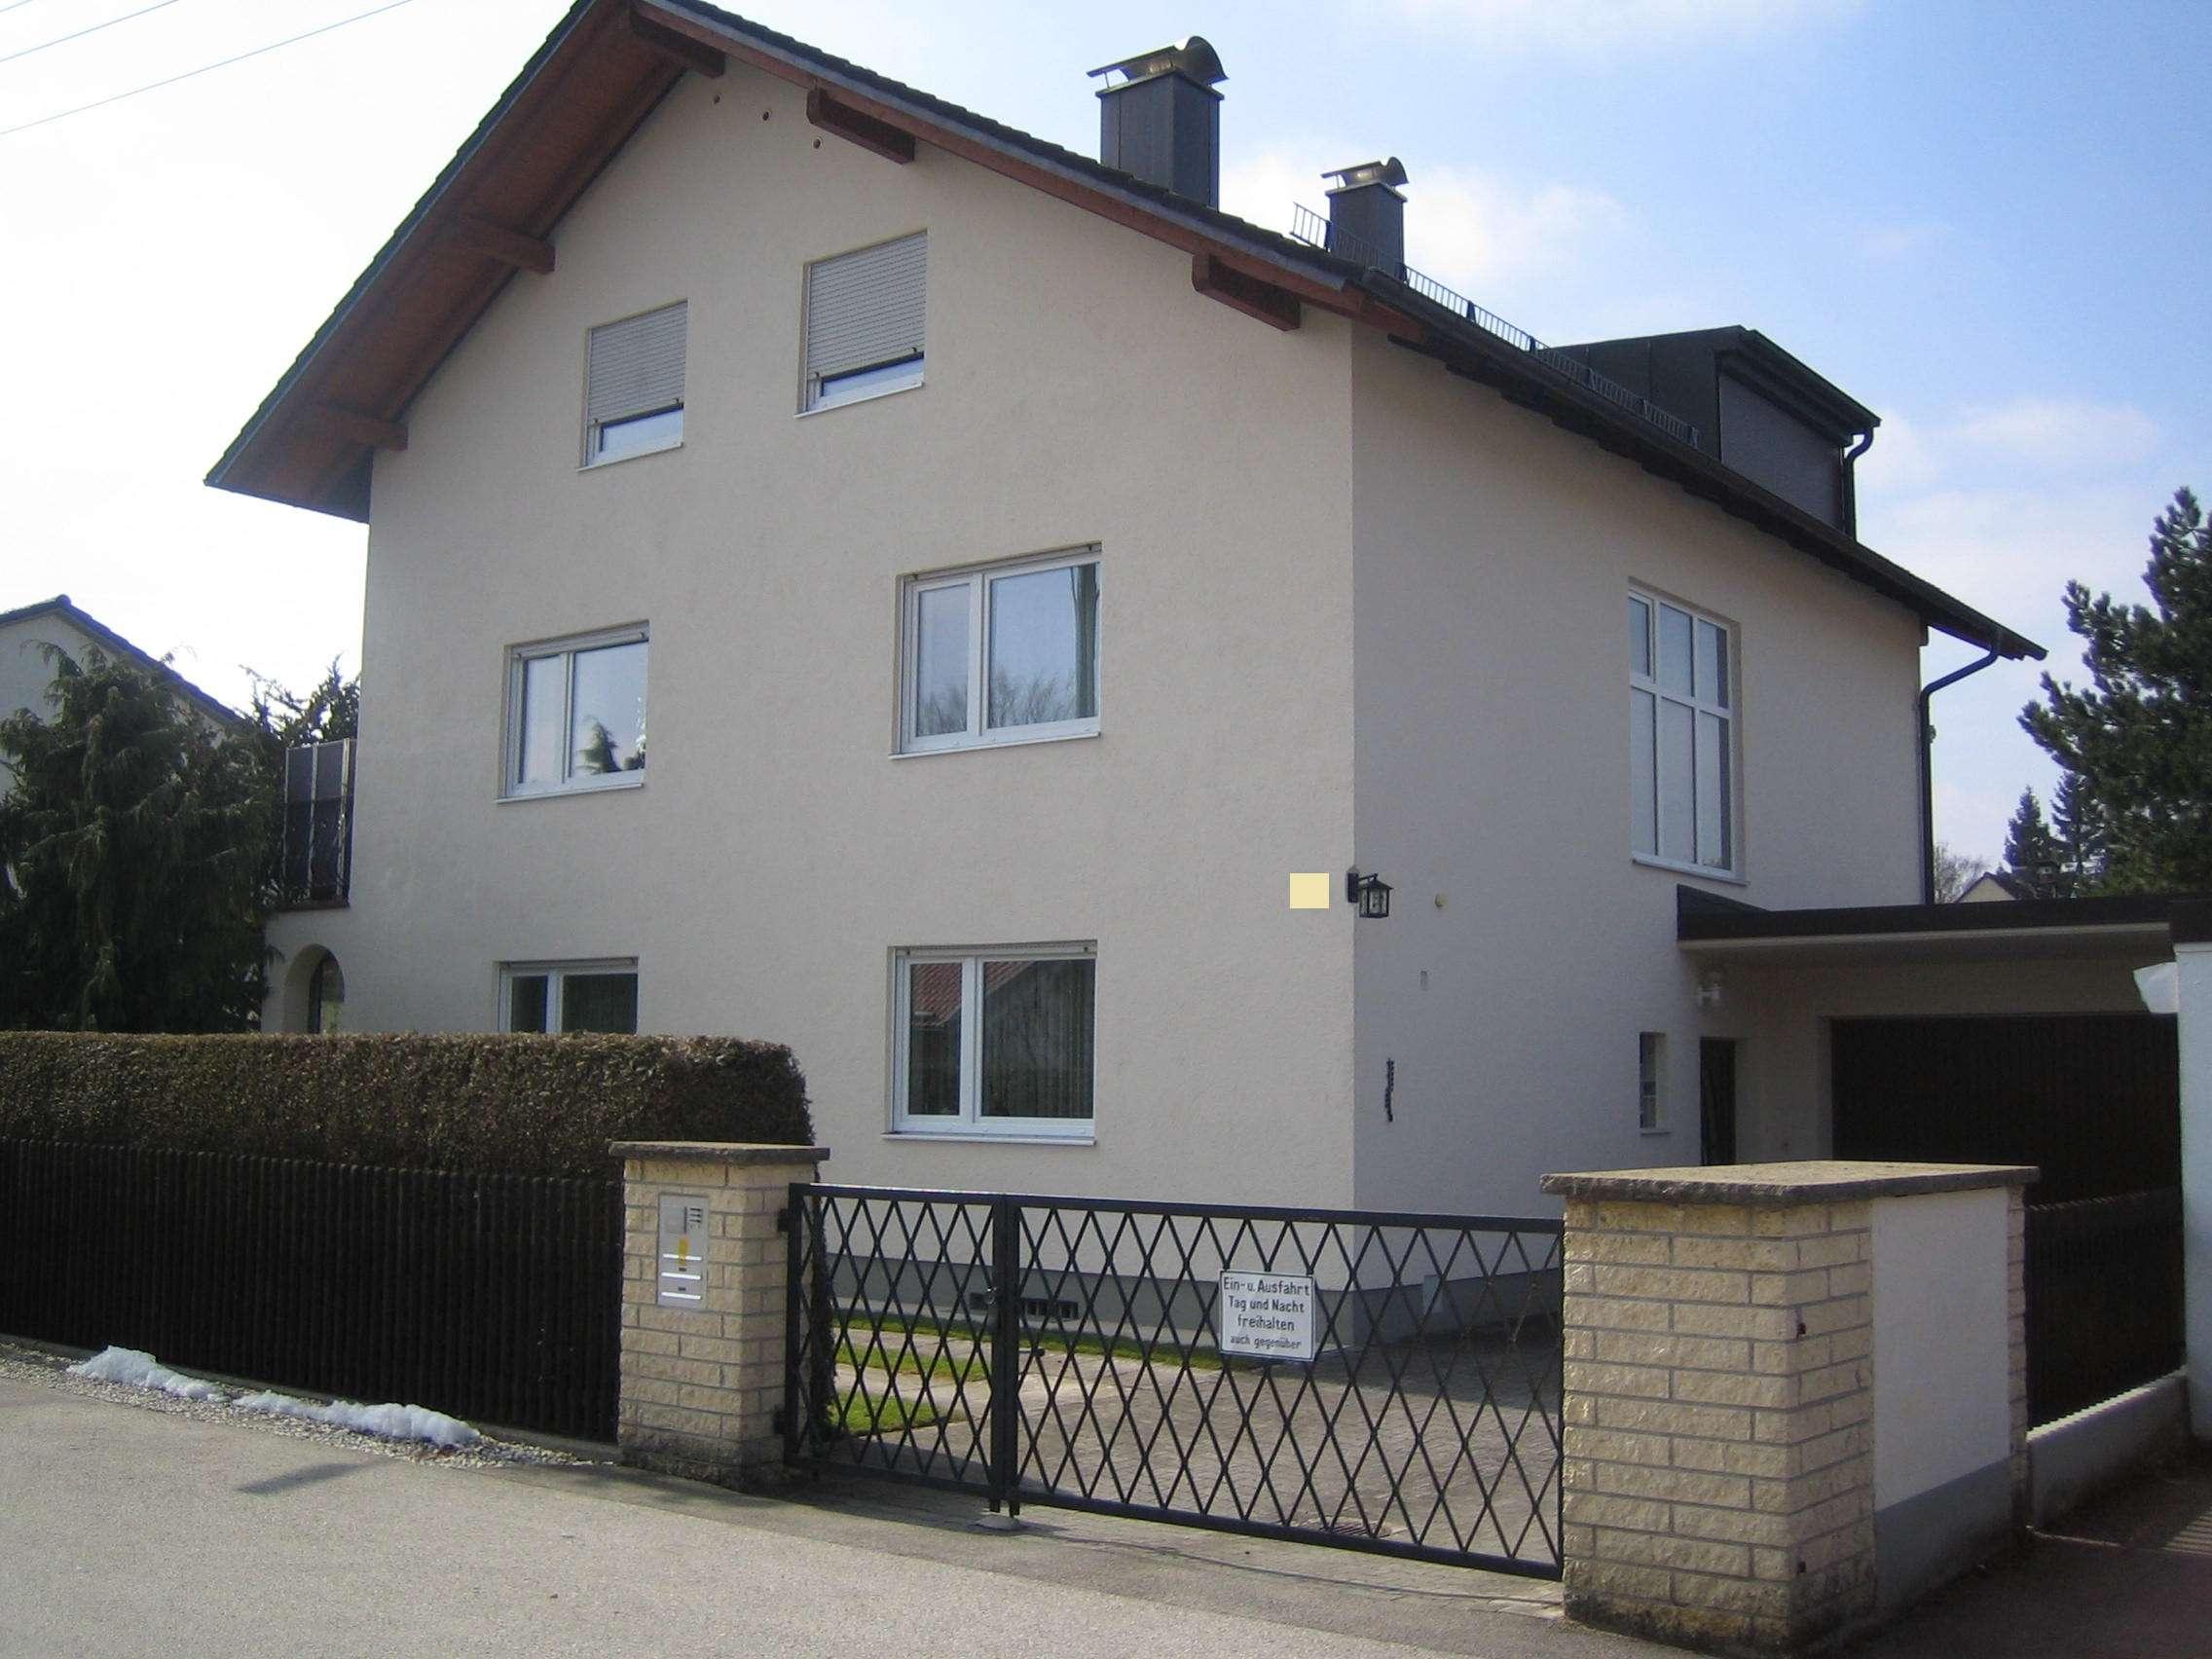 Helle ruhige großzügige 3 Zi Whg. m. 2 Balkonen Germering Harthaus in Germering (Fürstenfeldbruck)